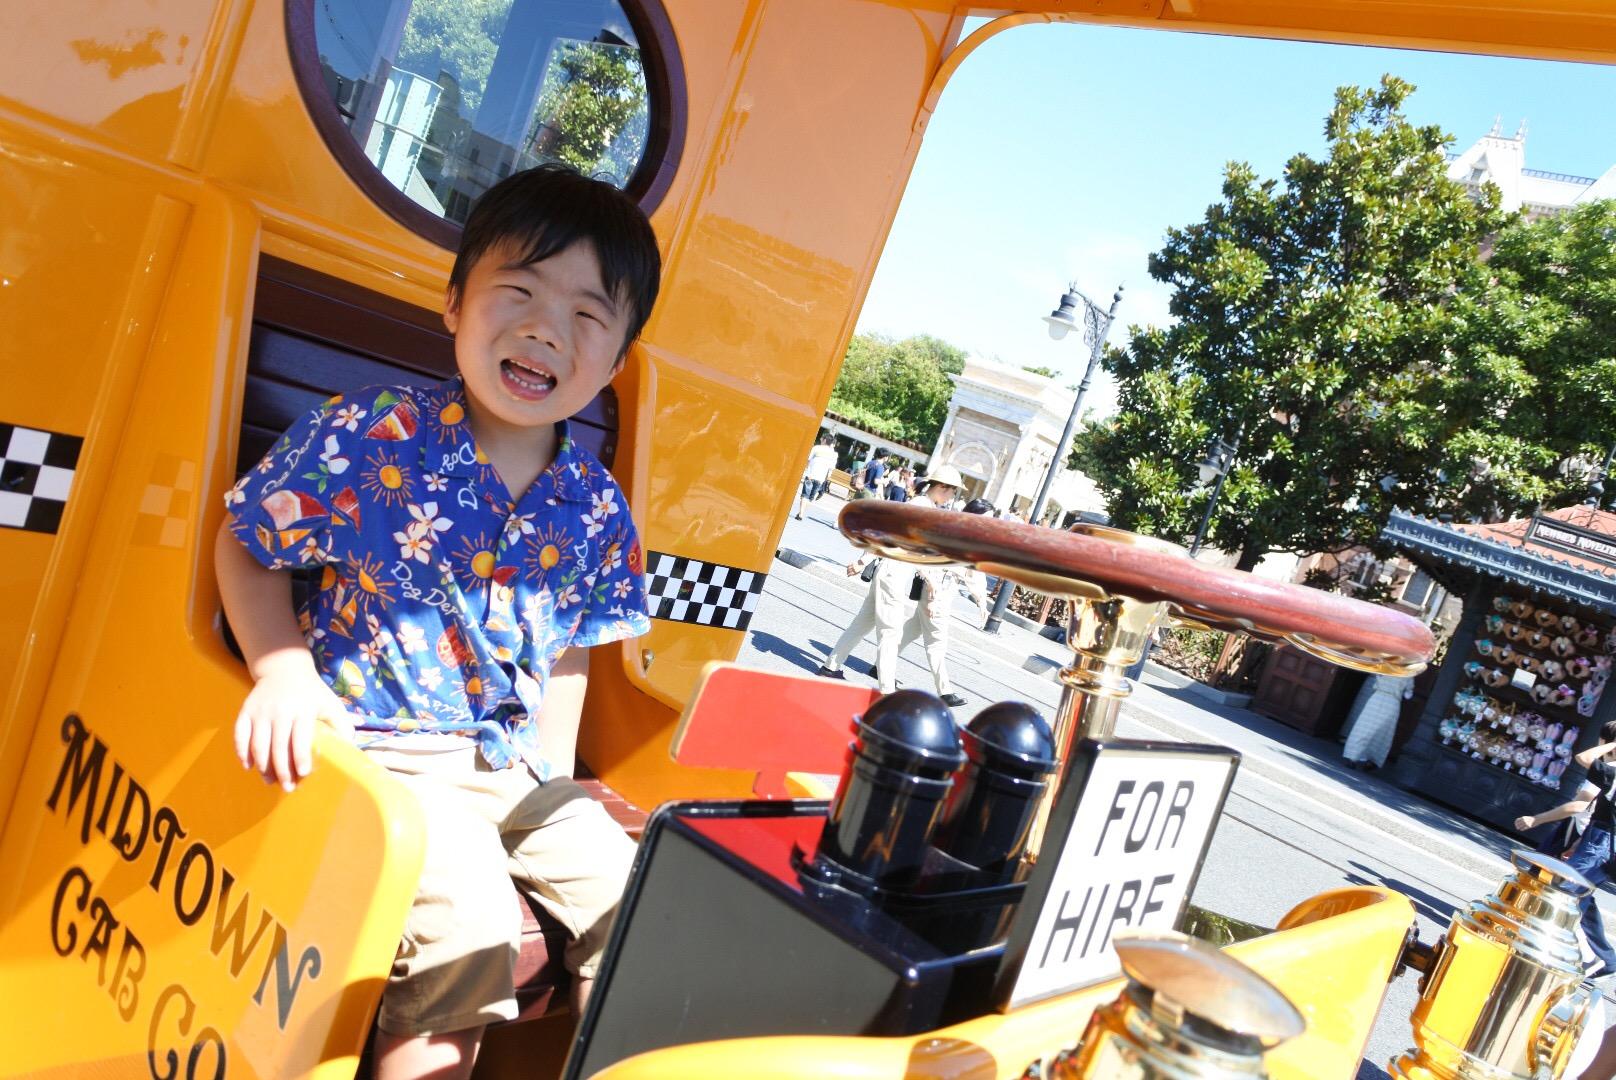 ディズニーの乗り物で笑顔に子ども